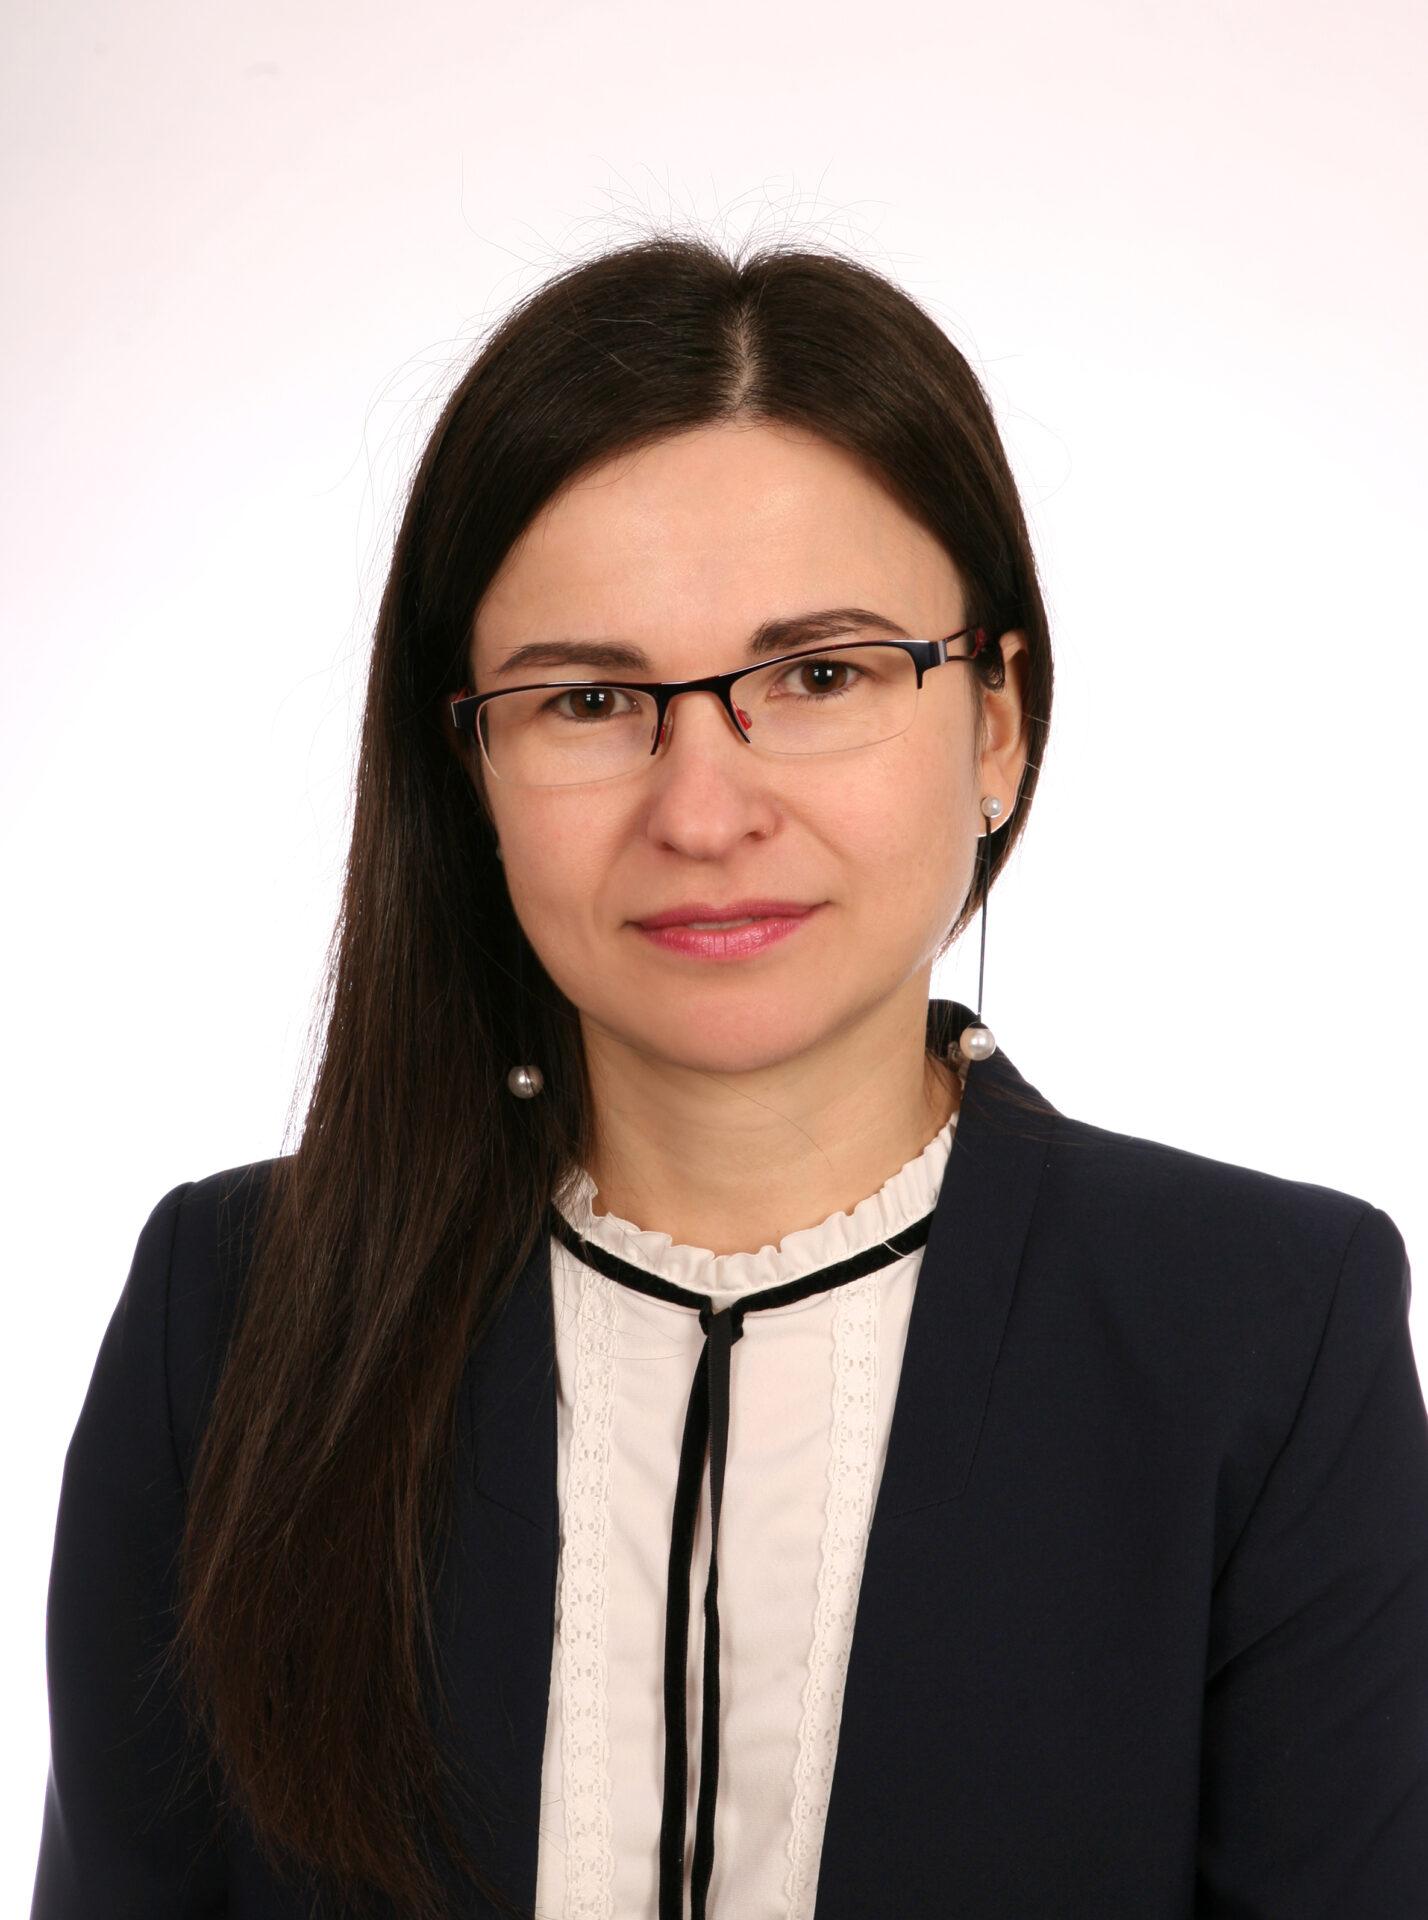 Magdalena Matyszkowicz<br /><p>Księgowość (Accountancy)</p>